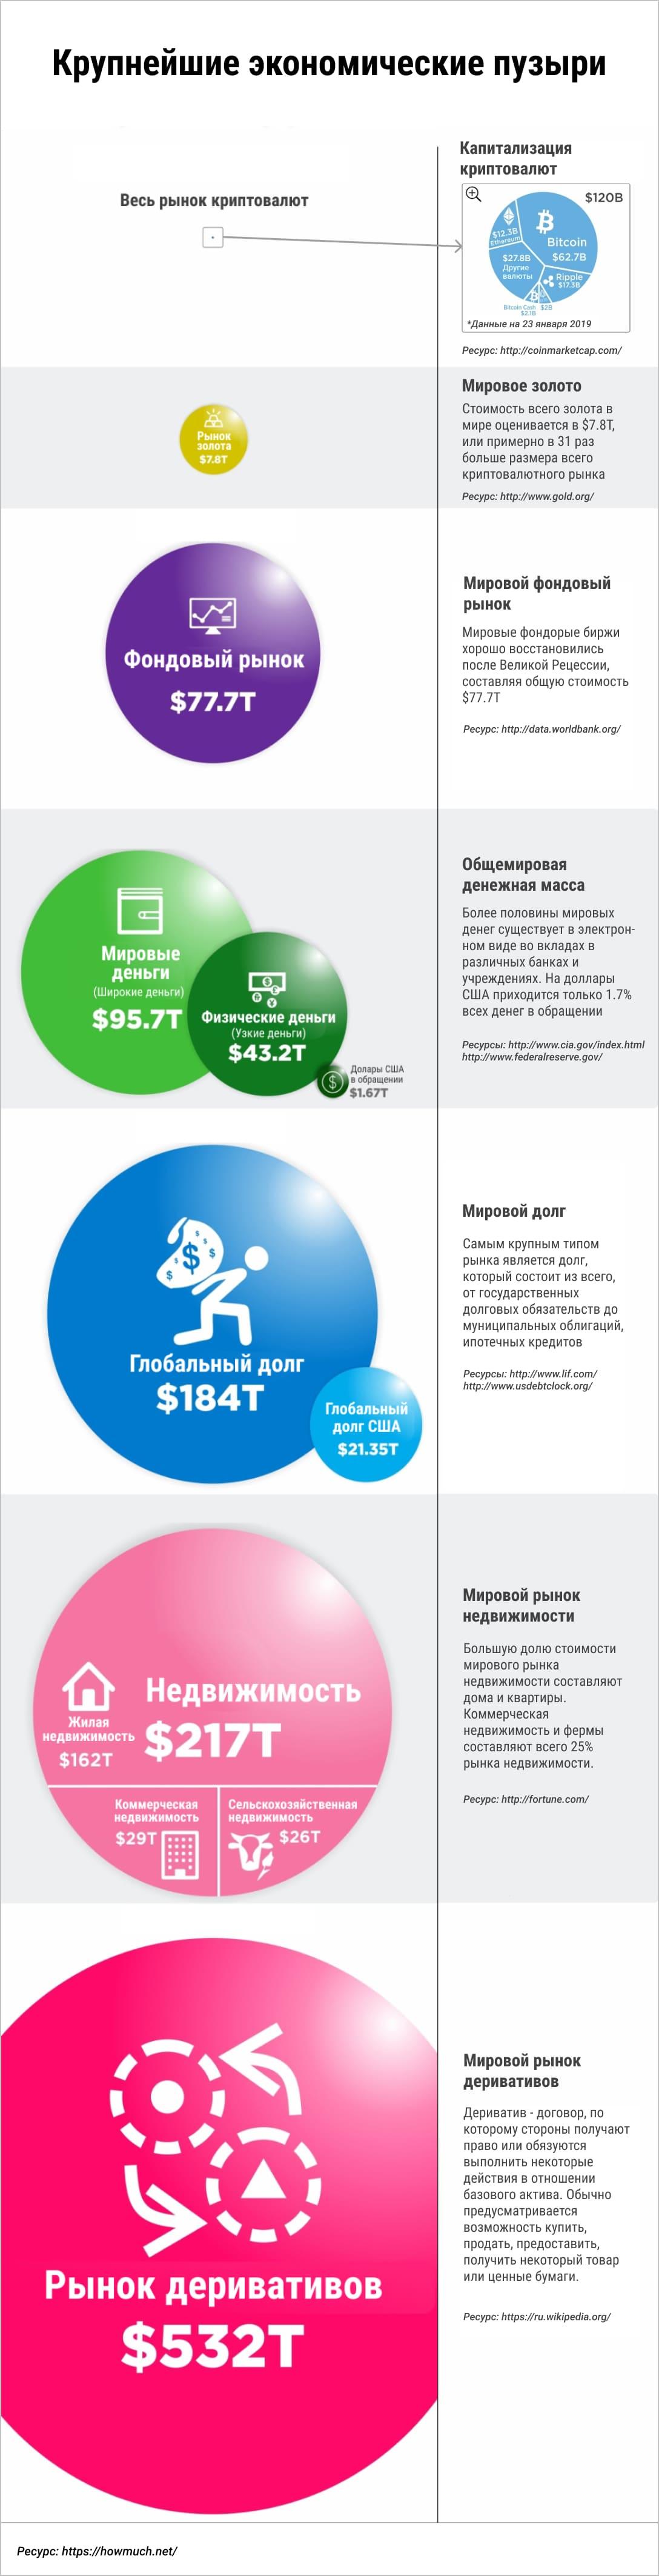 Сравнительный анализ крупнейших экономических пузырей